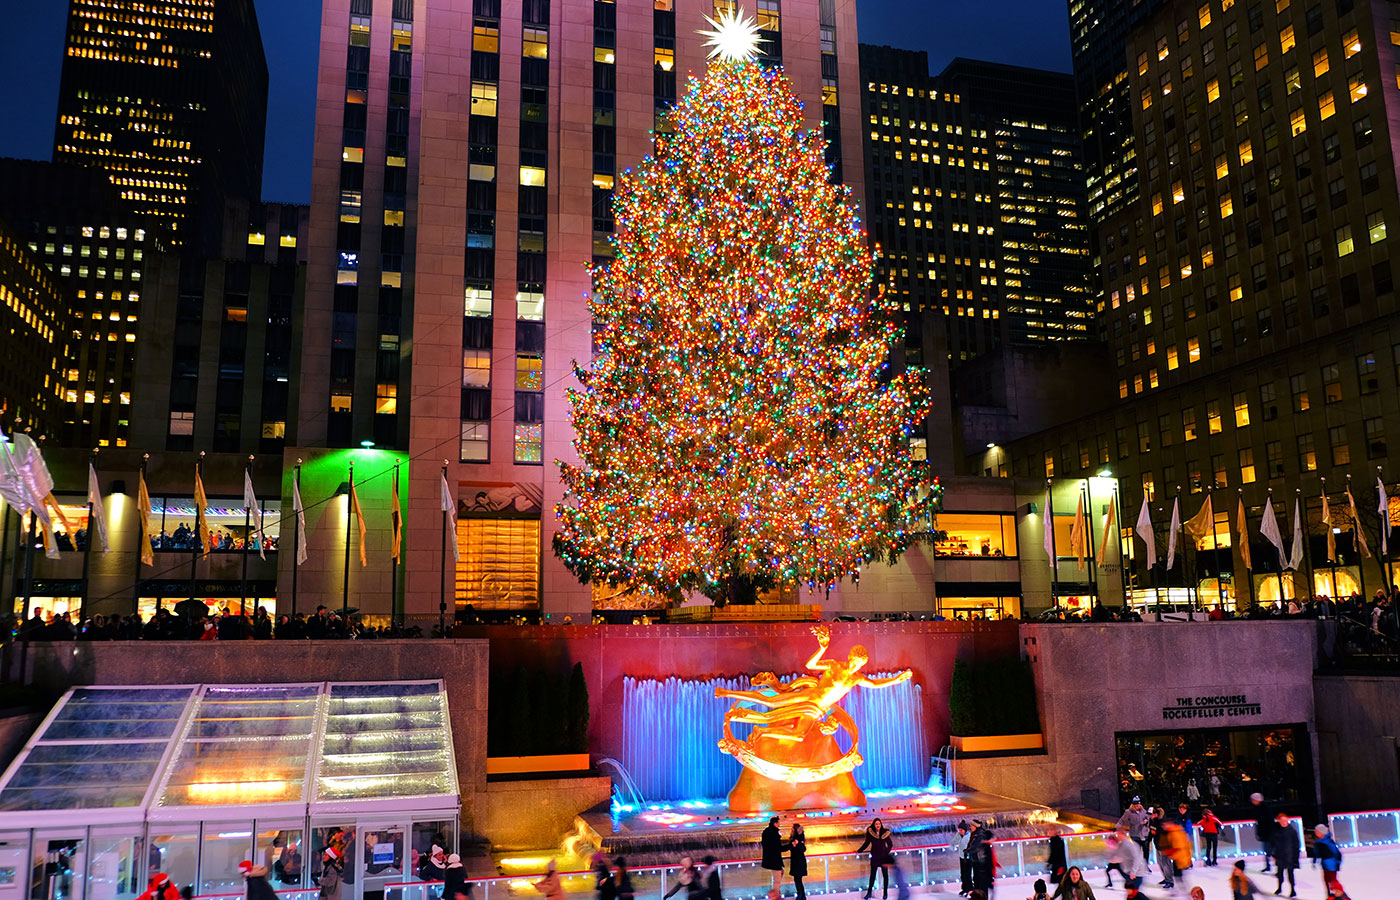 ニューヨーク クリスマスシーズン - ロックフェラー ツリー